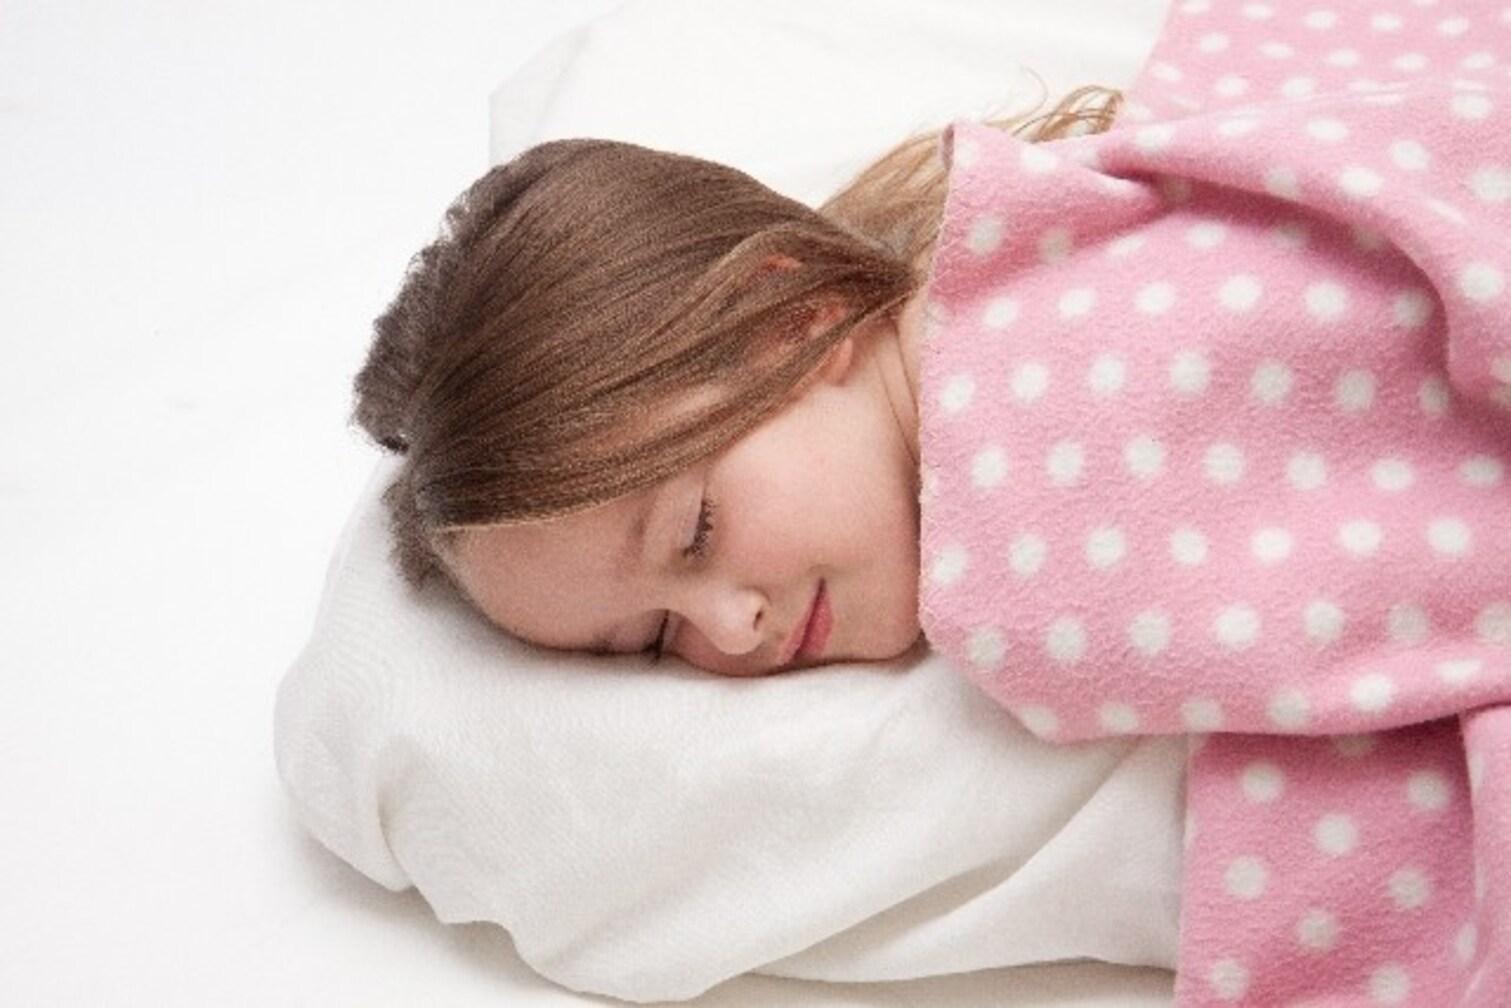 【眠れないあなたへ】「寝言が多いな……」と彼に言われて気になっています。寝言と夢の関係は?